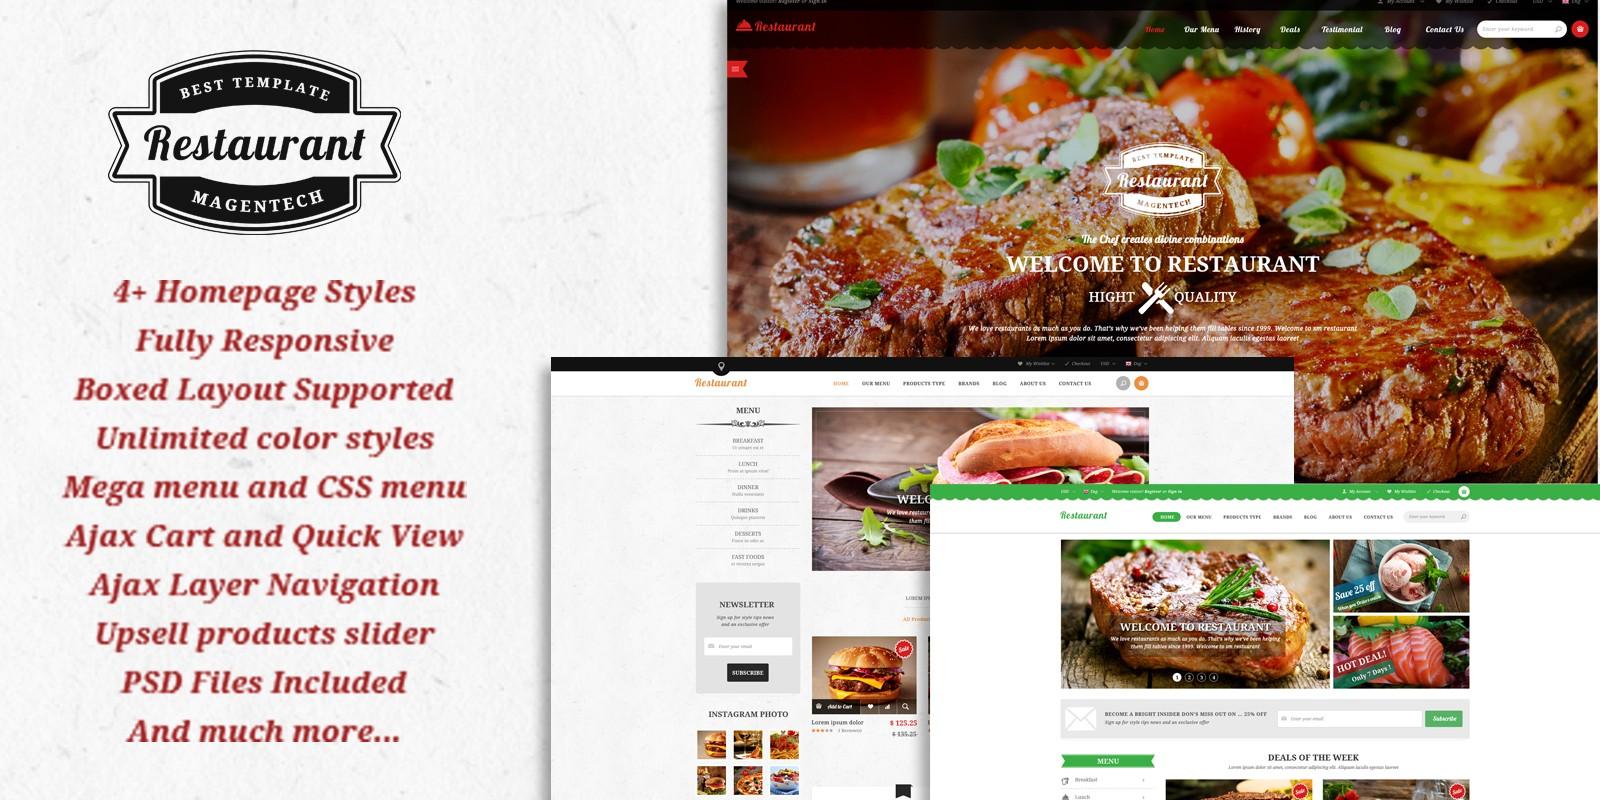 SM Restaurant - Ready-made design for Magento